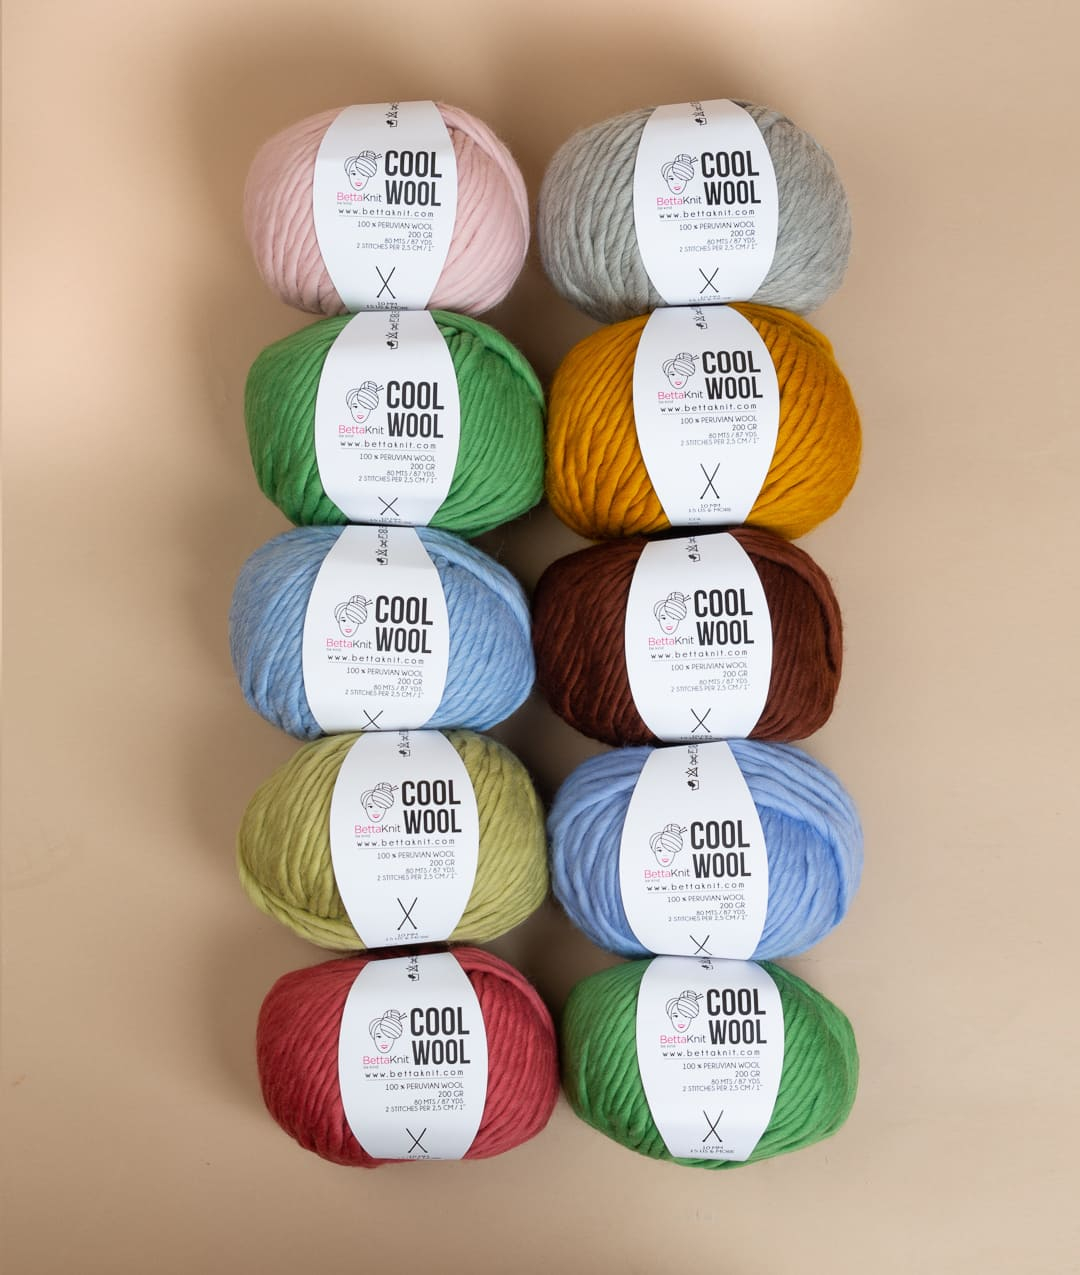 Packs of Skeins - Cool Wool Pack - 10 skeins - 1